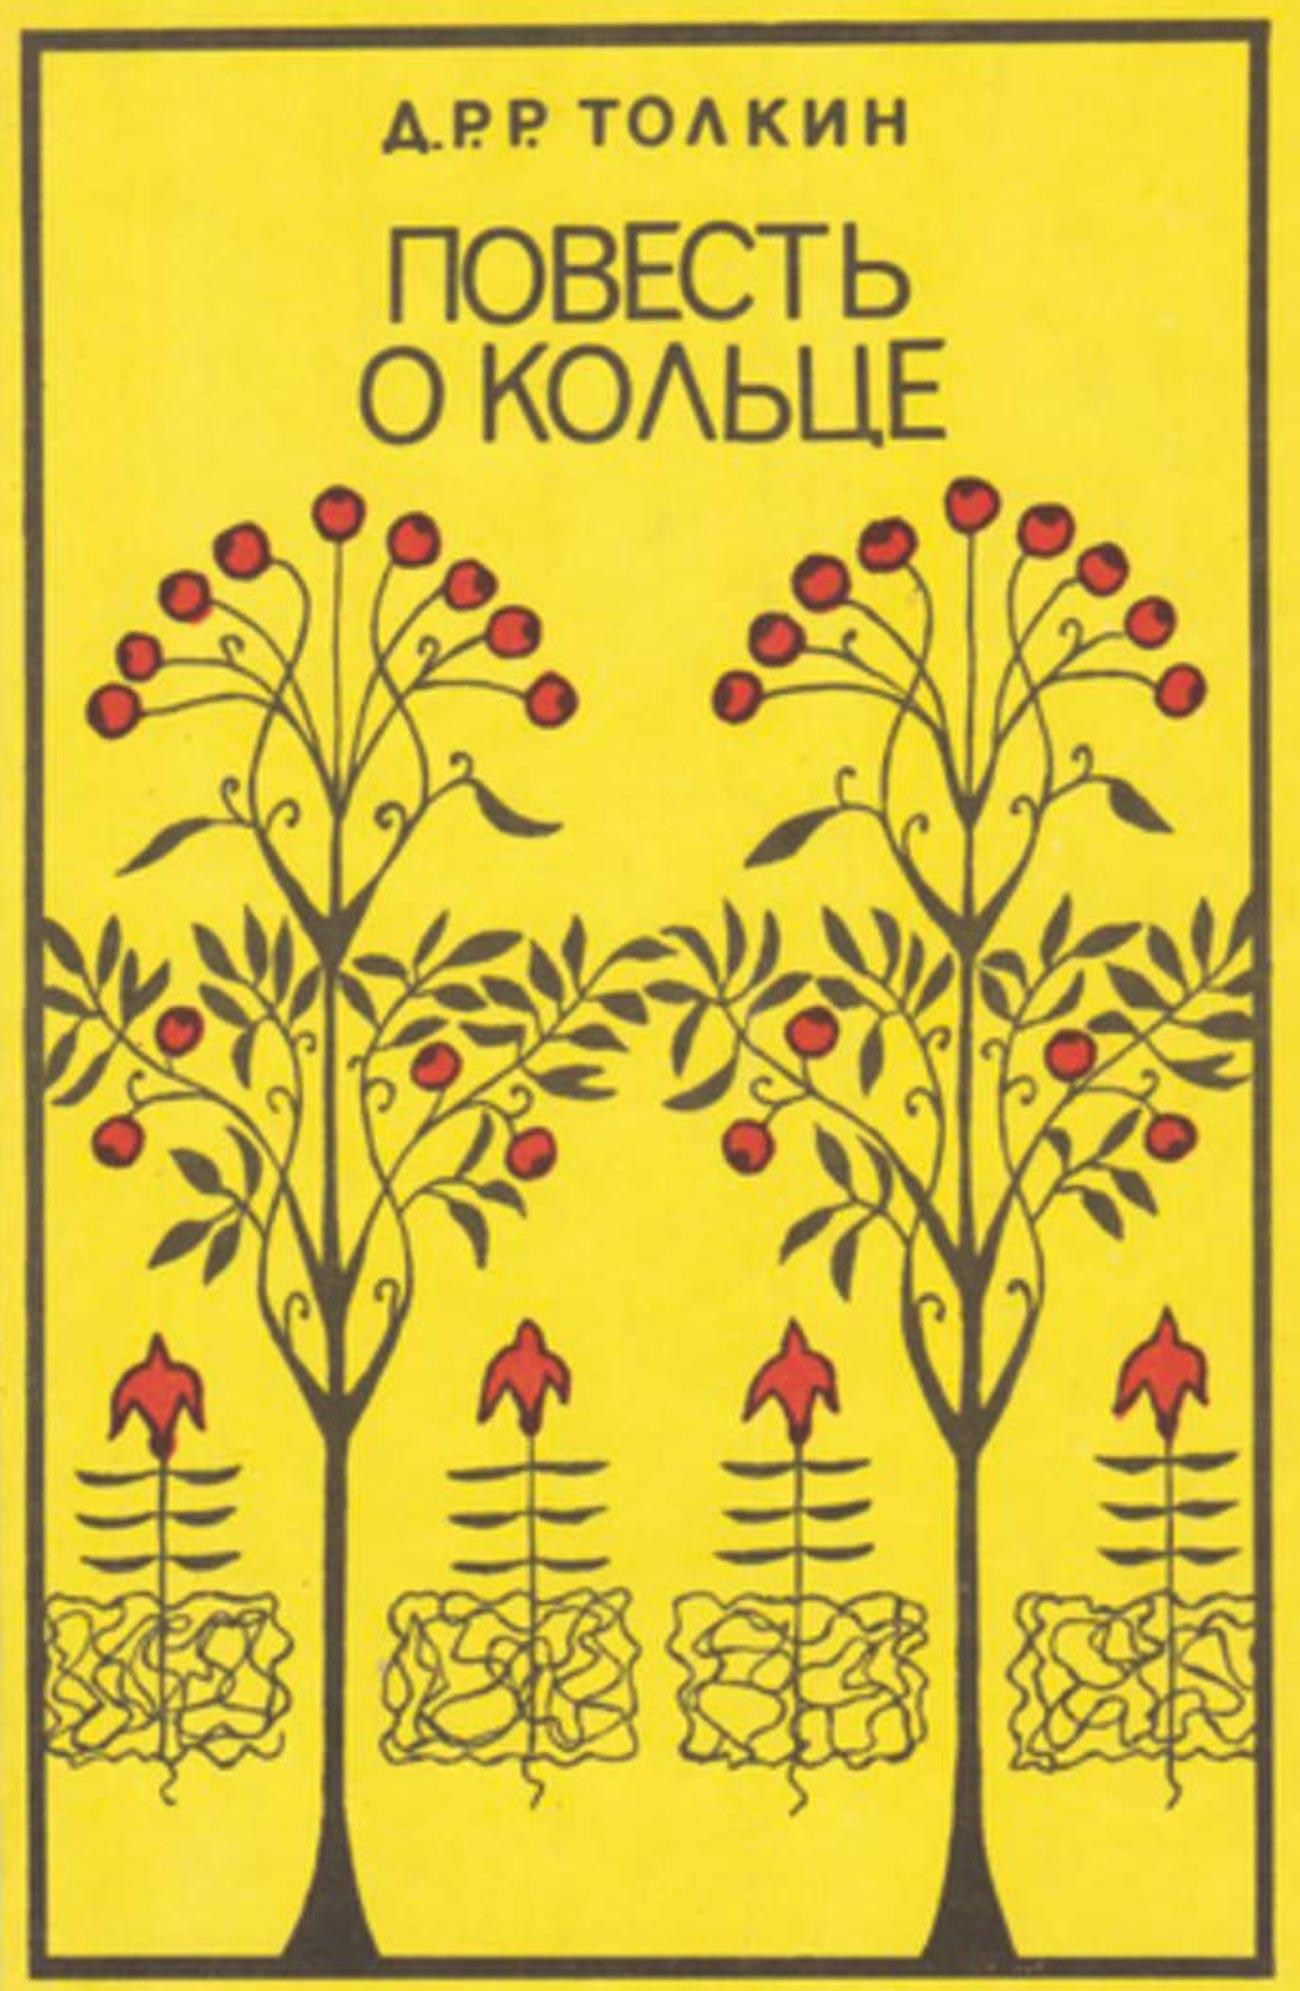 La versione russa tradotta da Zinaida Bobyr e pubblicata negli anni '90